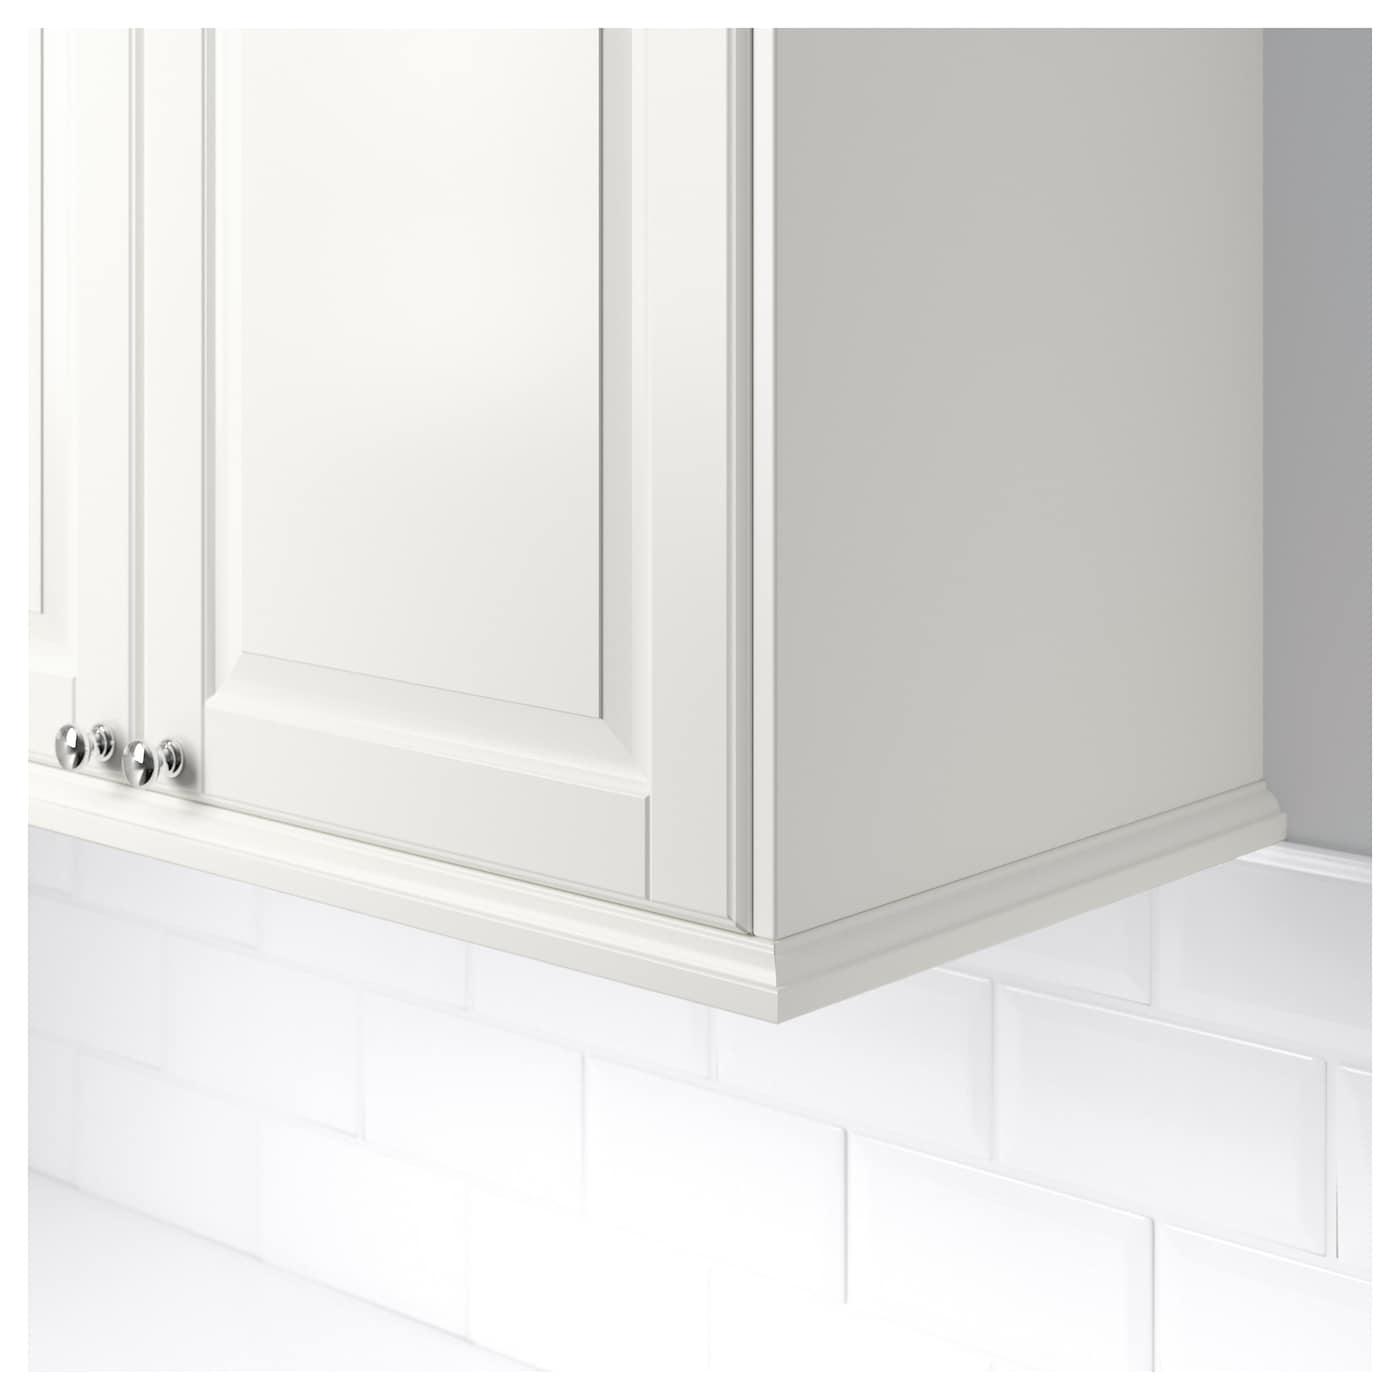 f rb ttra contoured deco strip moulding off white 221x6 cm. Black Bedroom Furniture Sets. Home Design Ideas